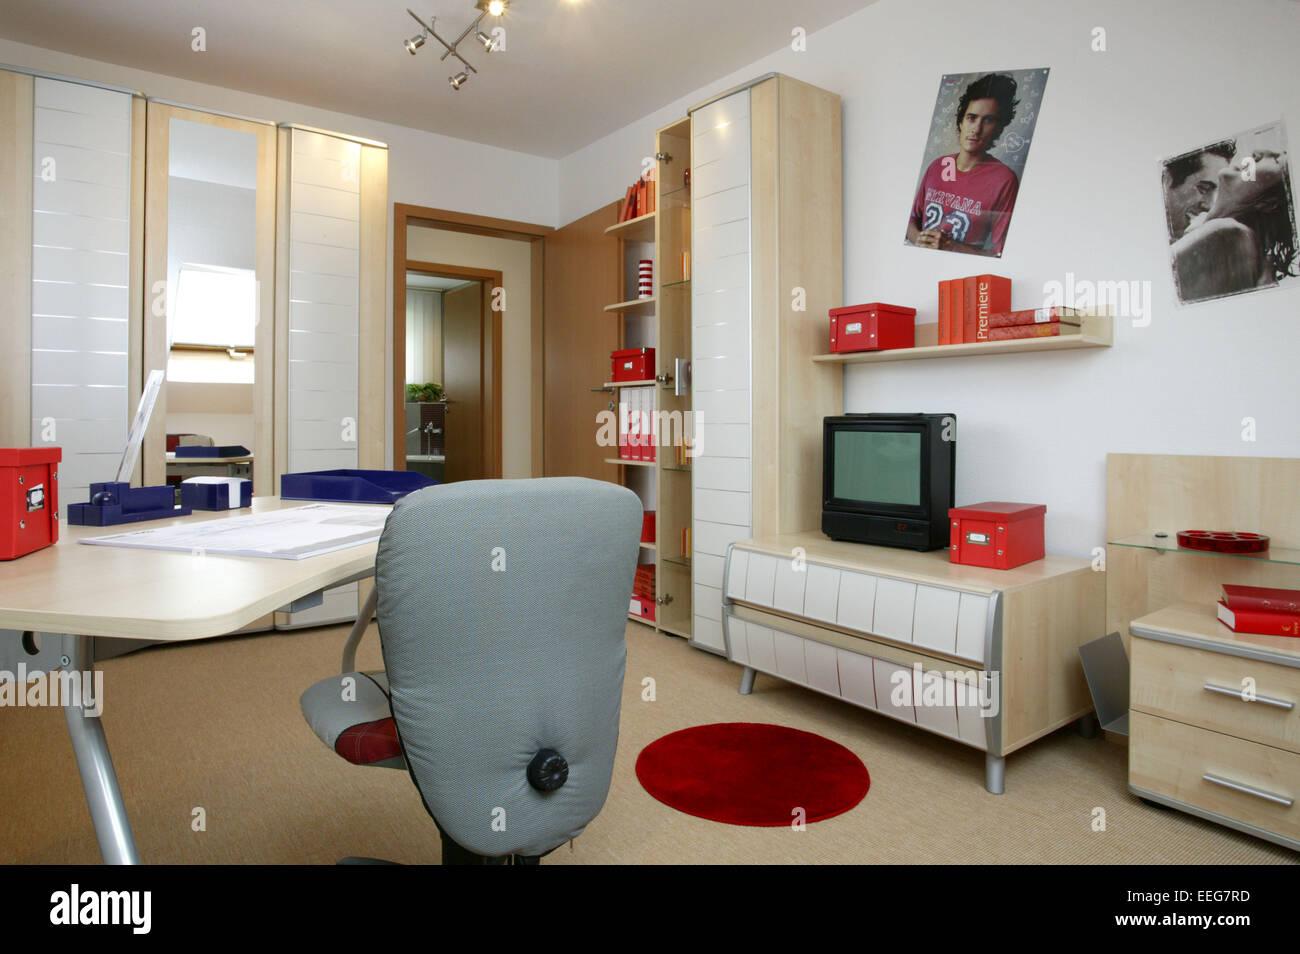 Großartig Einrichtung Jugendzimmer Galerie Von Kinderzimmer Wohnen Innenaufnahme Inneneinrichtung Wohnung Wohnraum Moebel